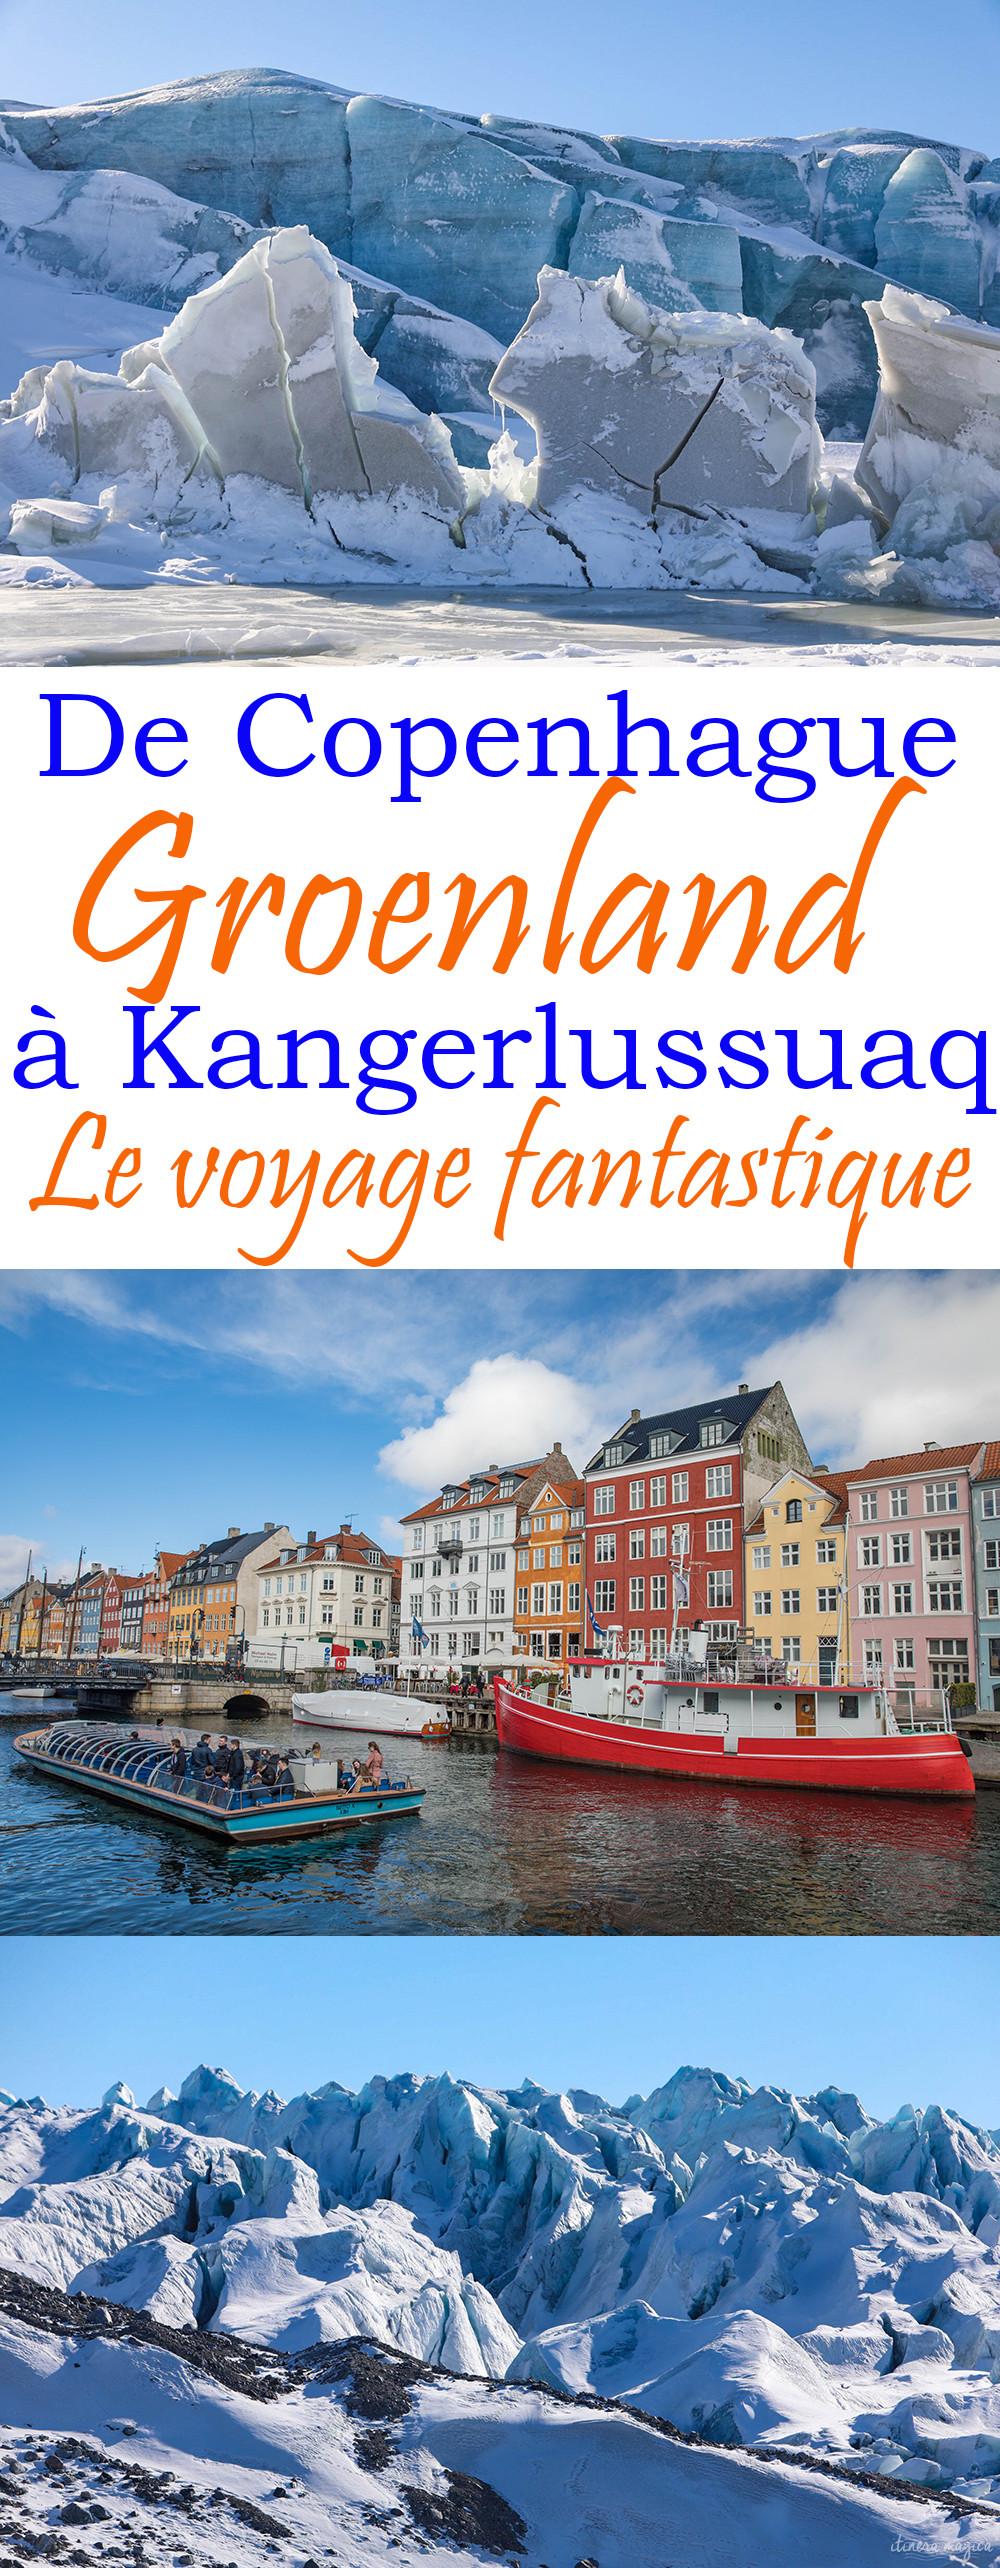 Aller au Groenland : le voyage d'une vie, de Copenhague à Kangerlussuaq. Une aventure dans le grand nord.